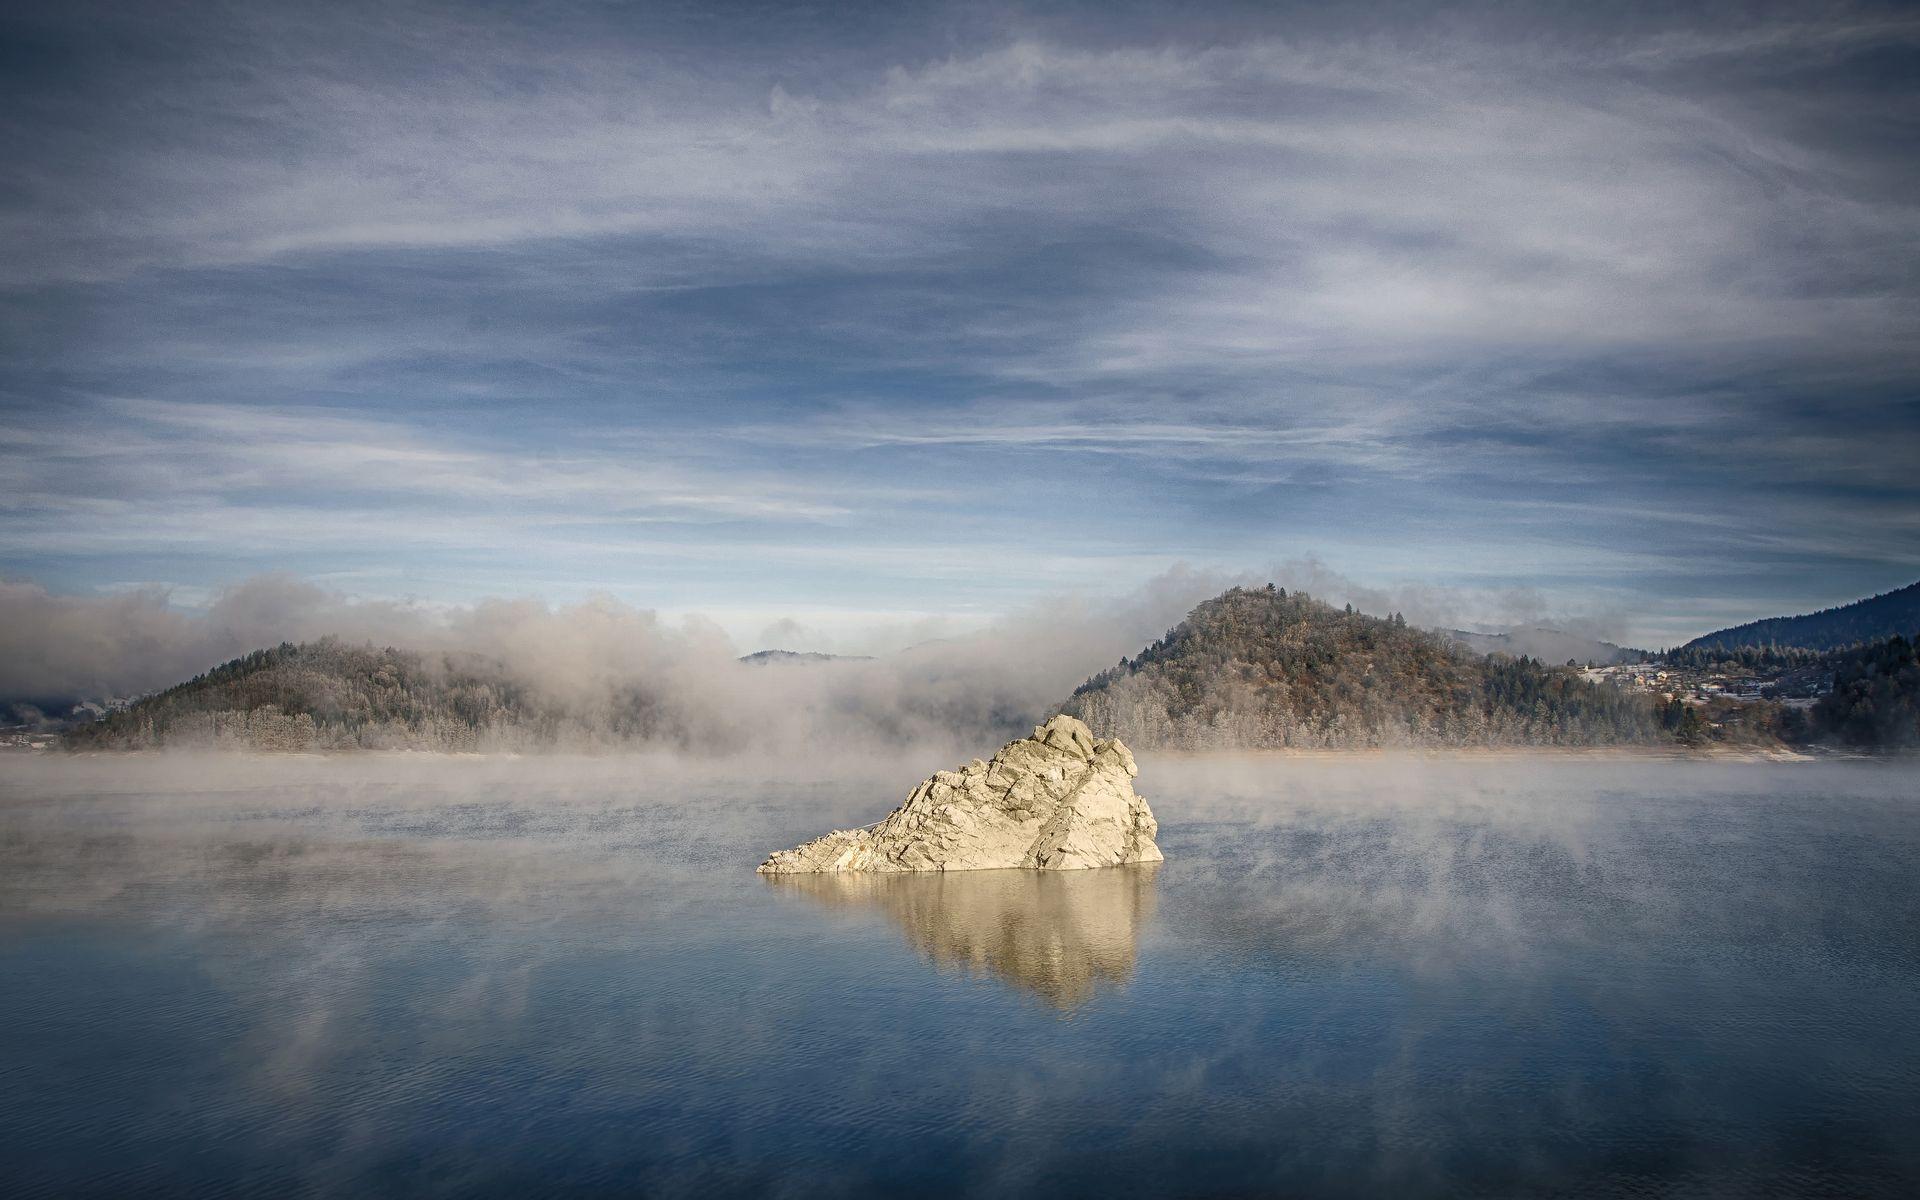 Nacionalni park Tara - Jezero Zaovine (National park Tara - Zaovine Lake), Vladimir Mijailović